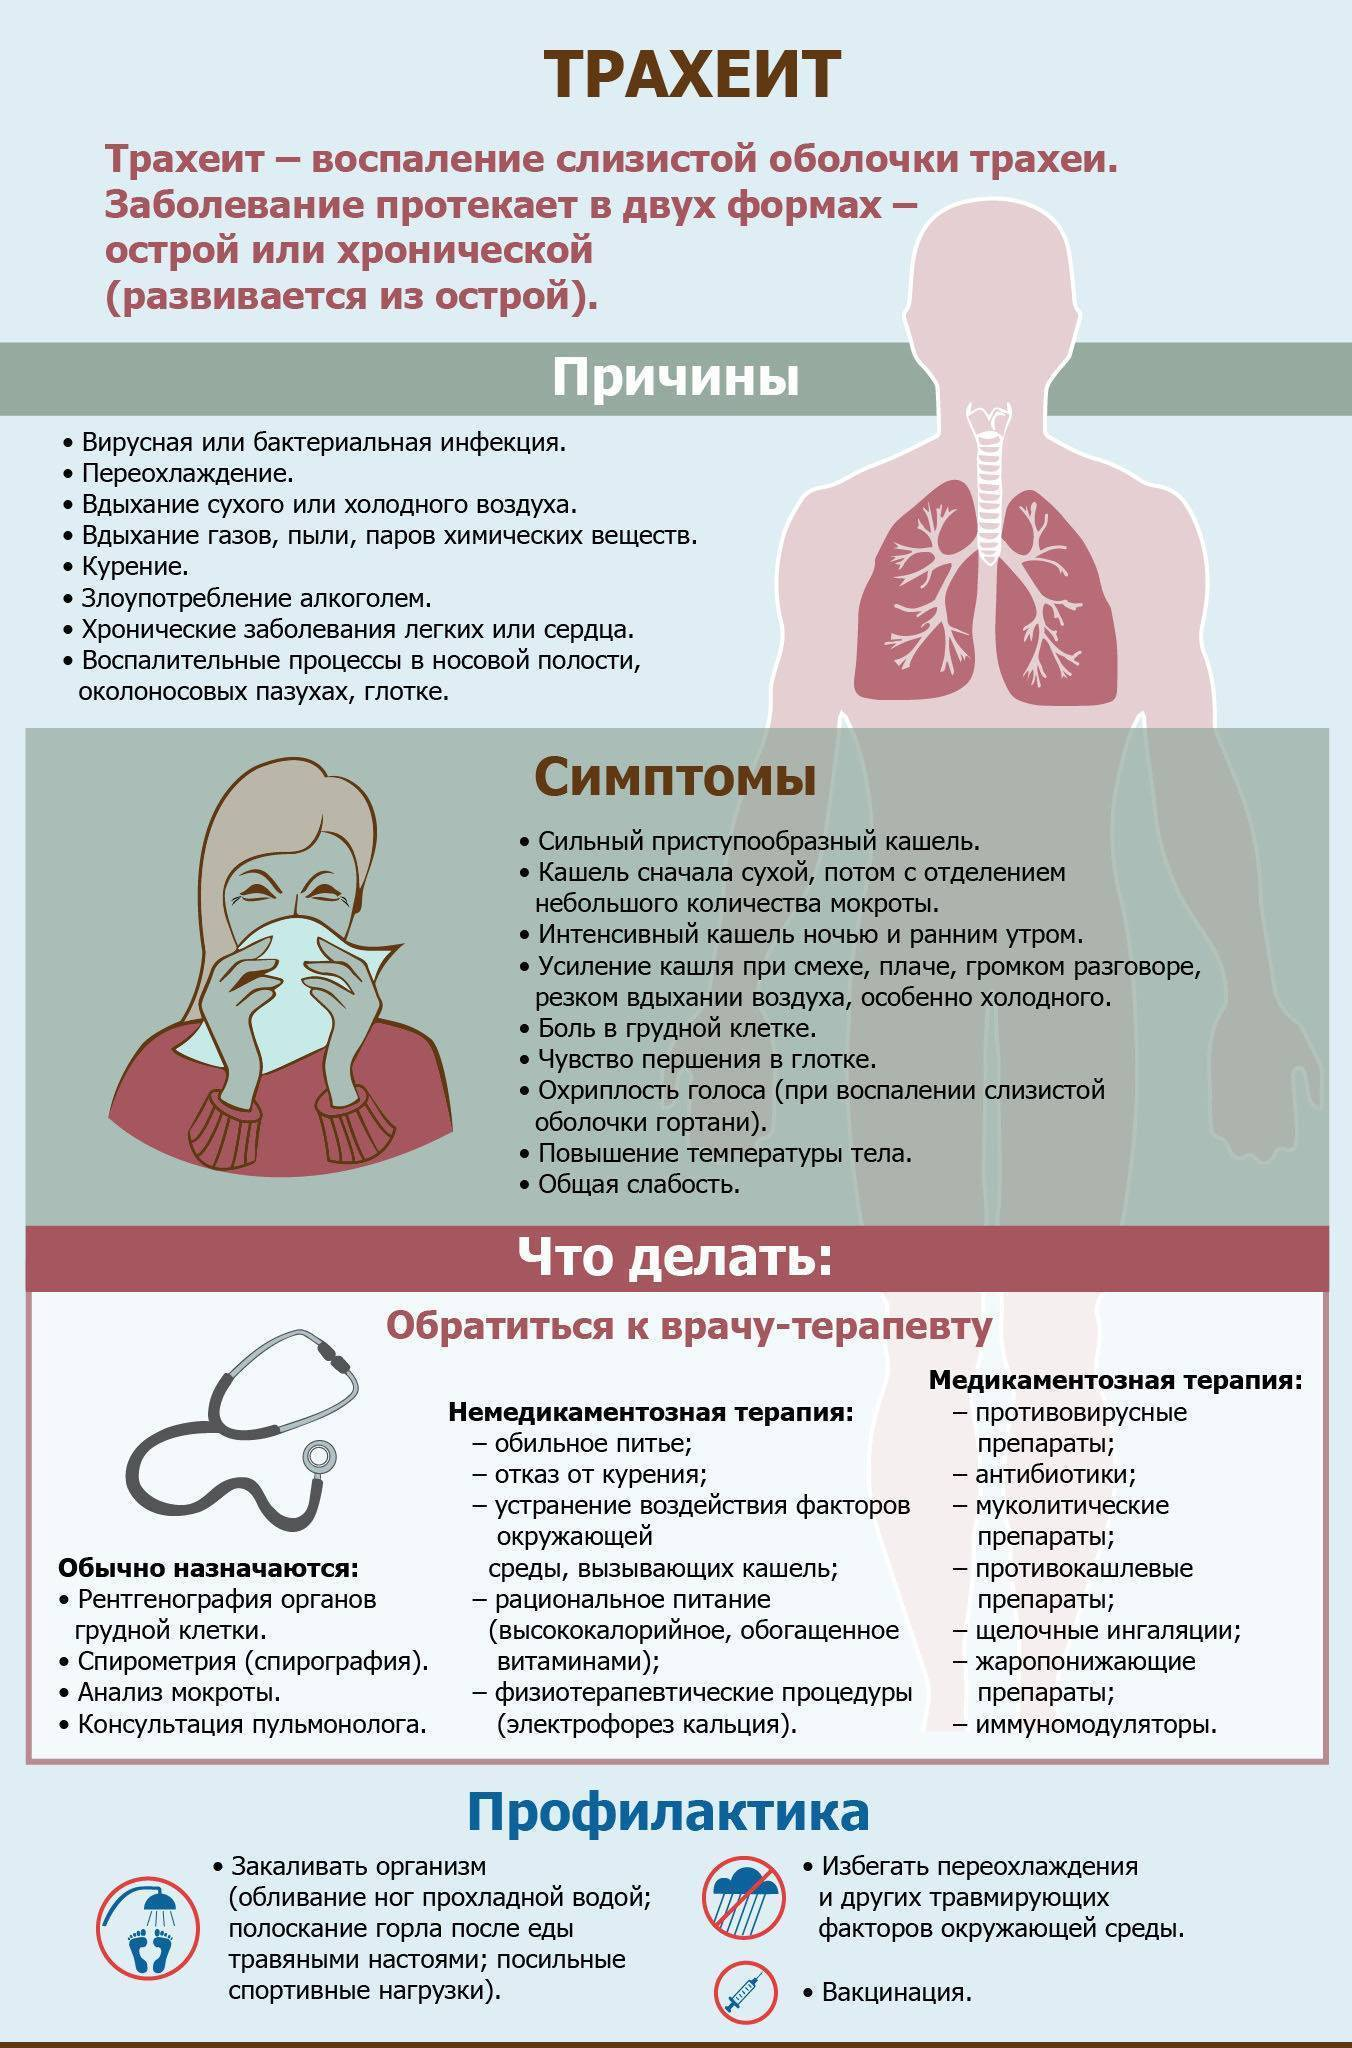 лечение при сухом кашле у детей